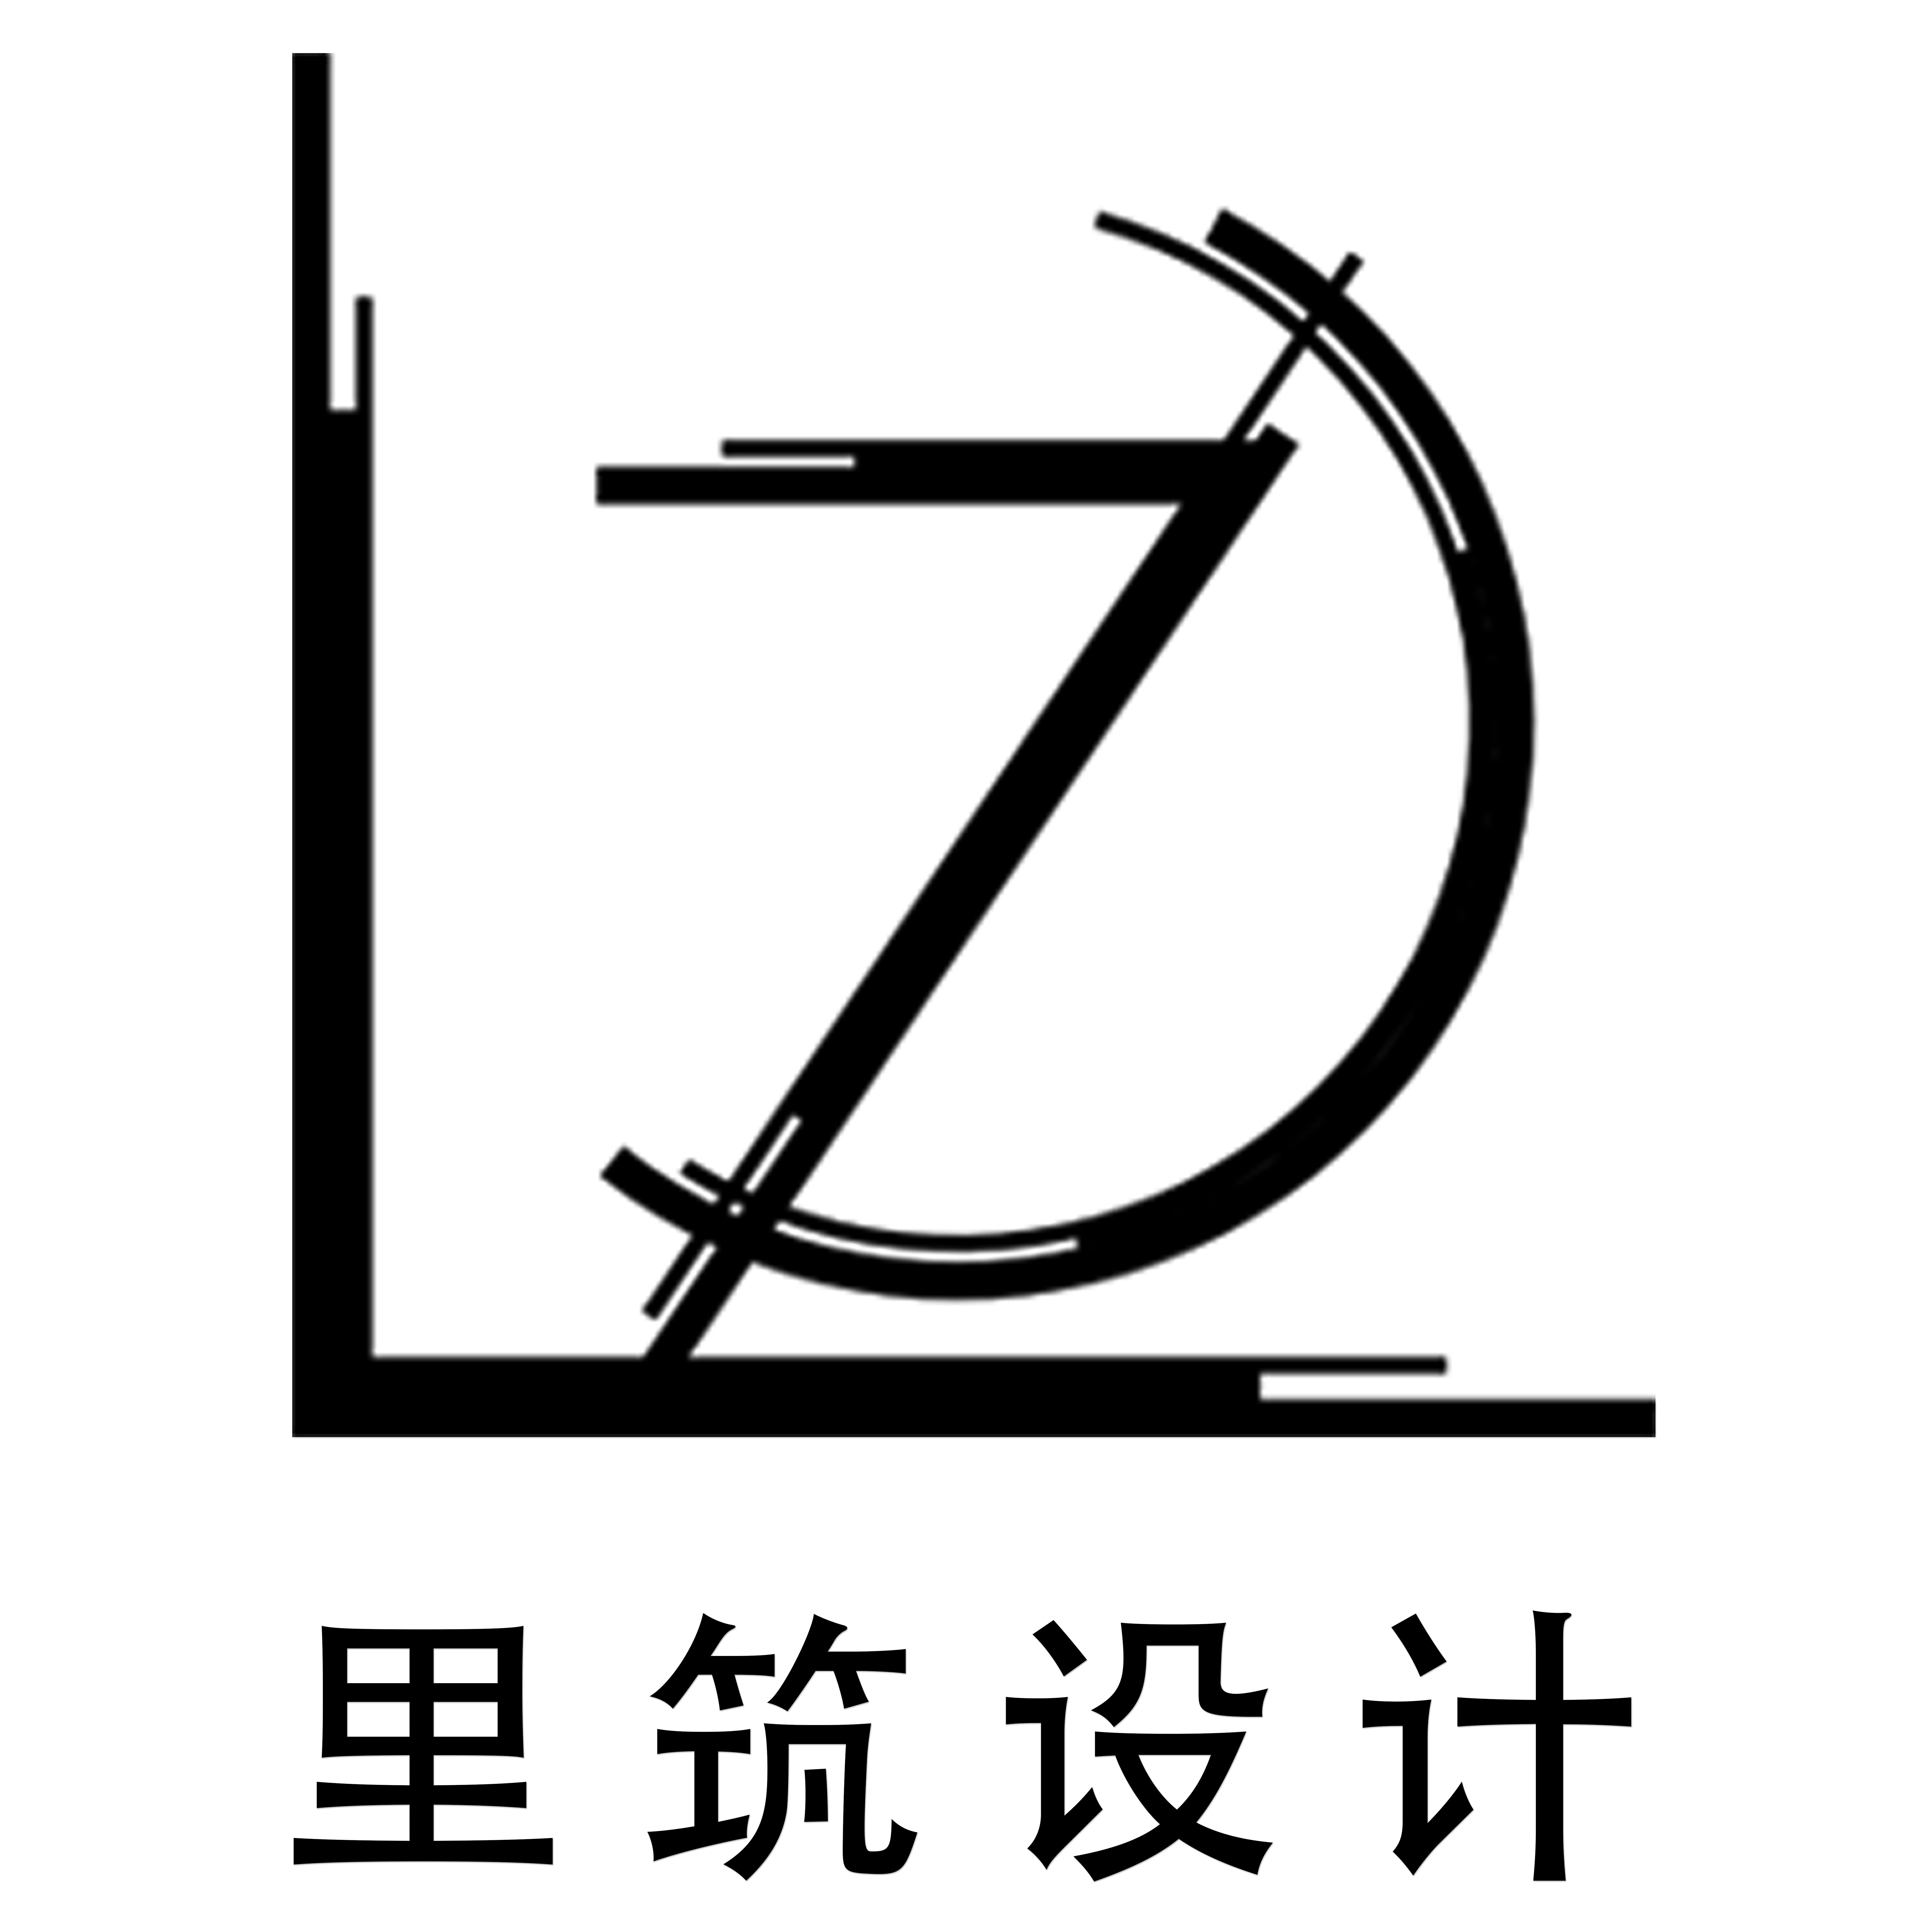 深圳里筑设计有限公司